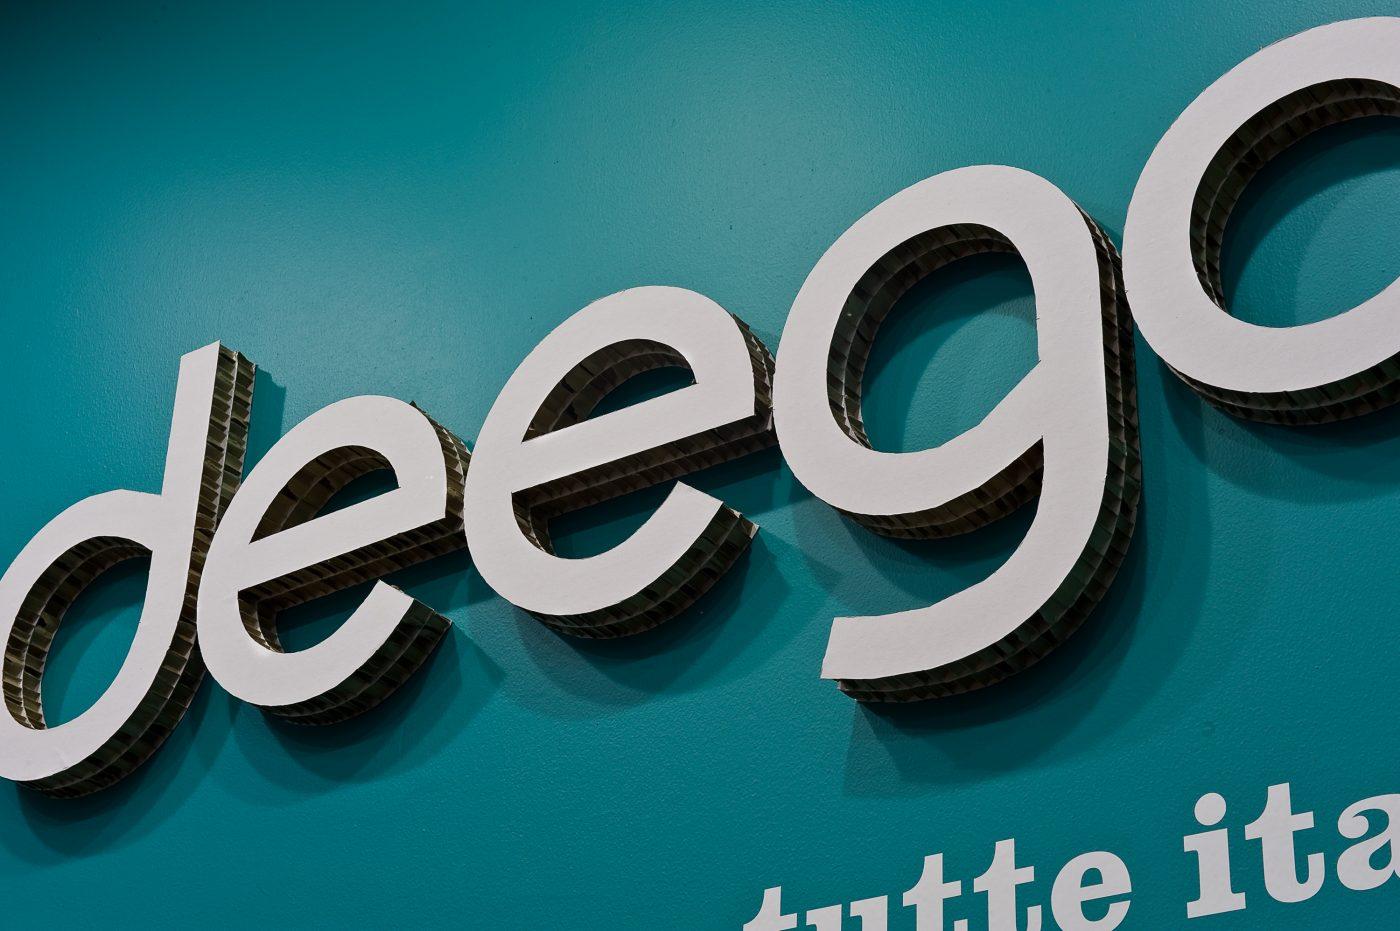 Il cartone arreda il negozio Deego